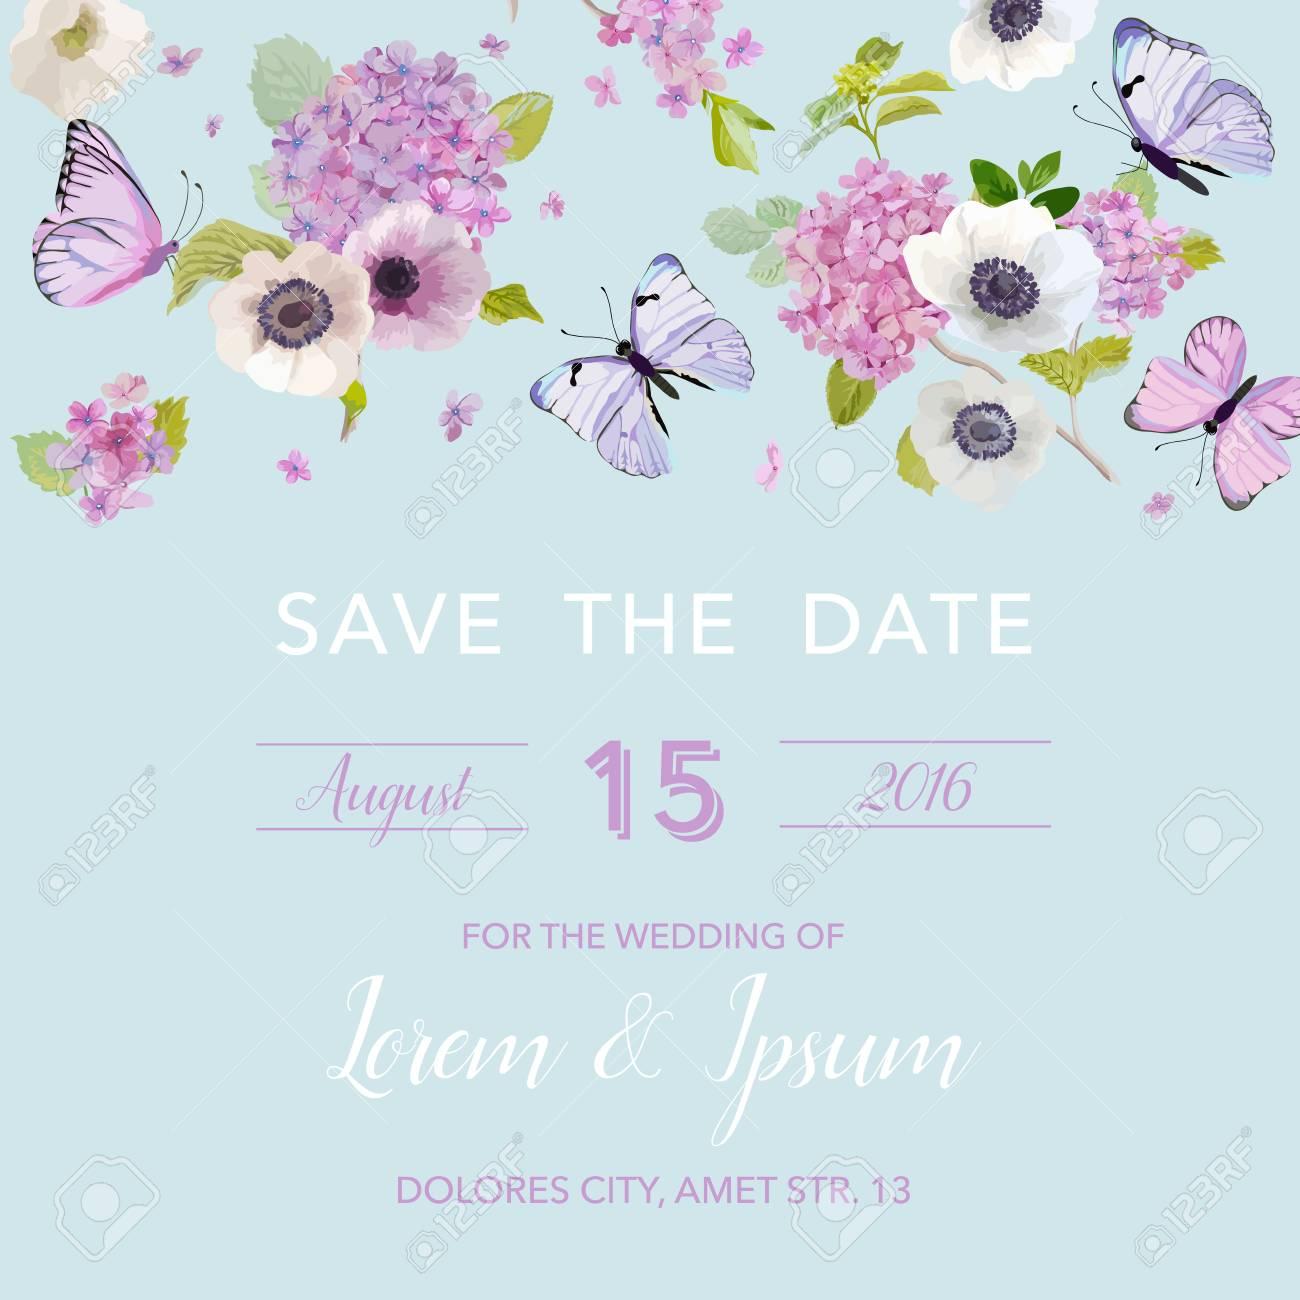 Plantilla De Invitación De Boda Tarjeta Botánica Con Flores De Mariposas Y Hortensia Saludo Floral Postal Ilustración Vectorial